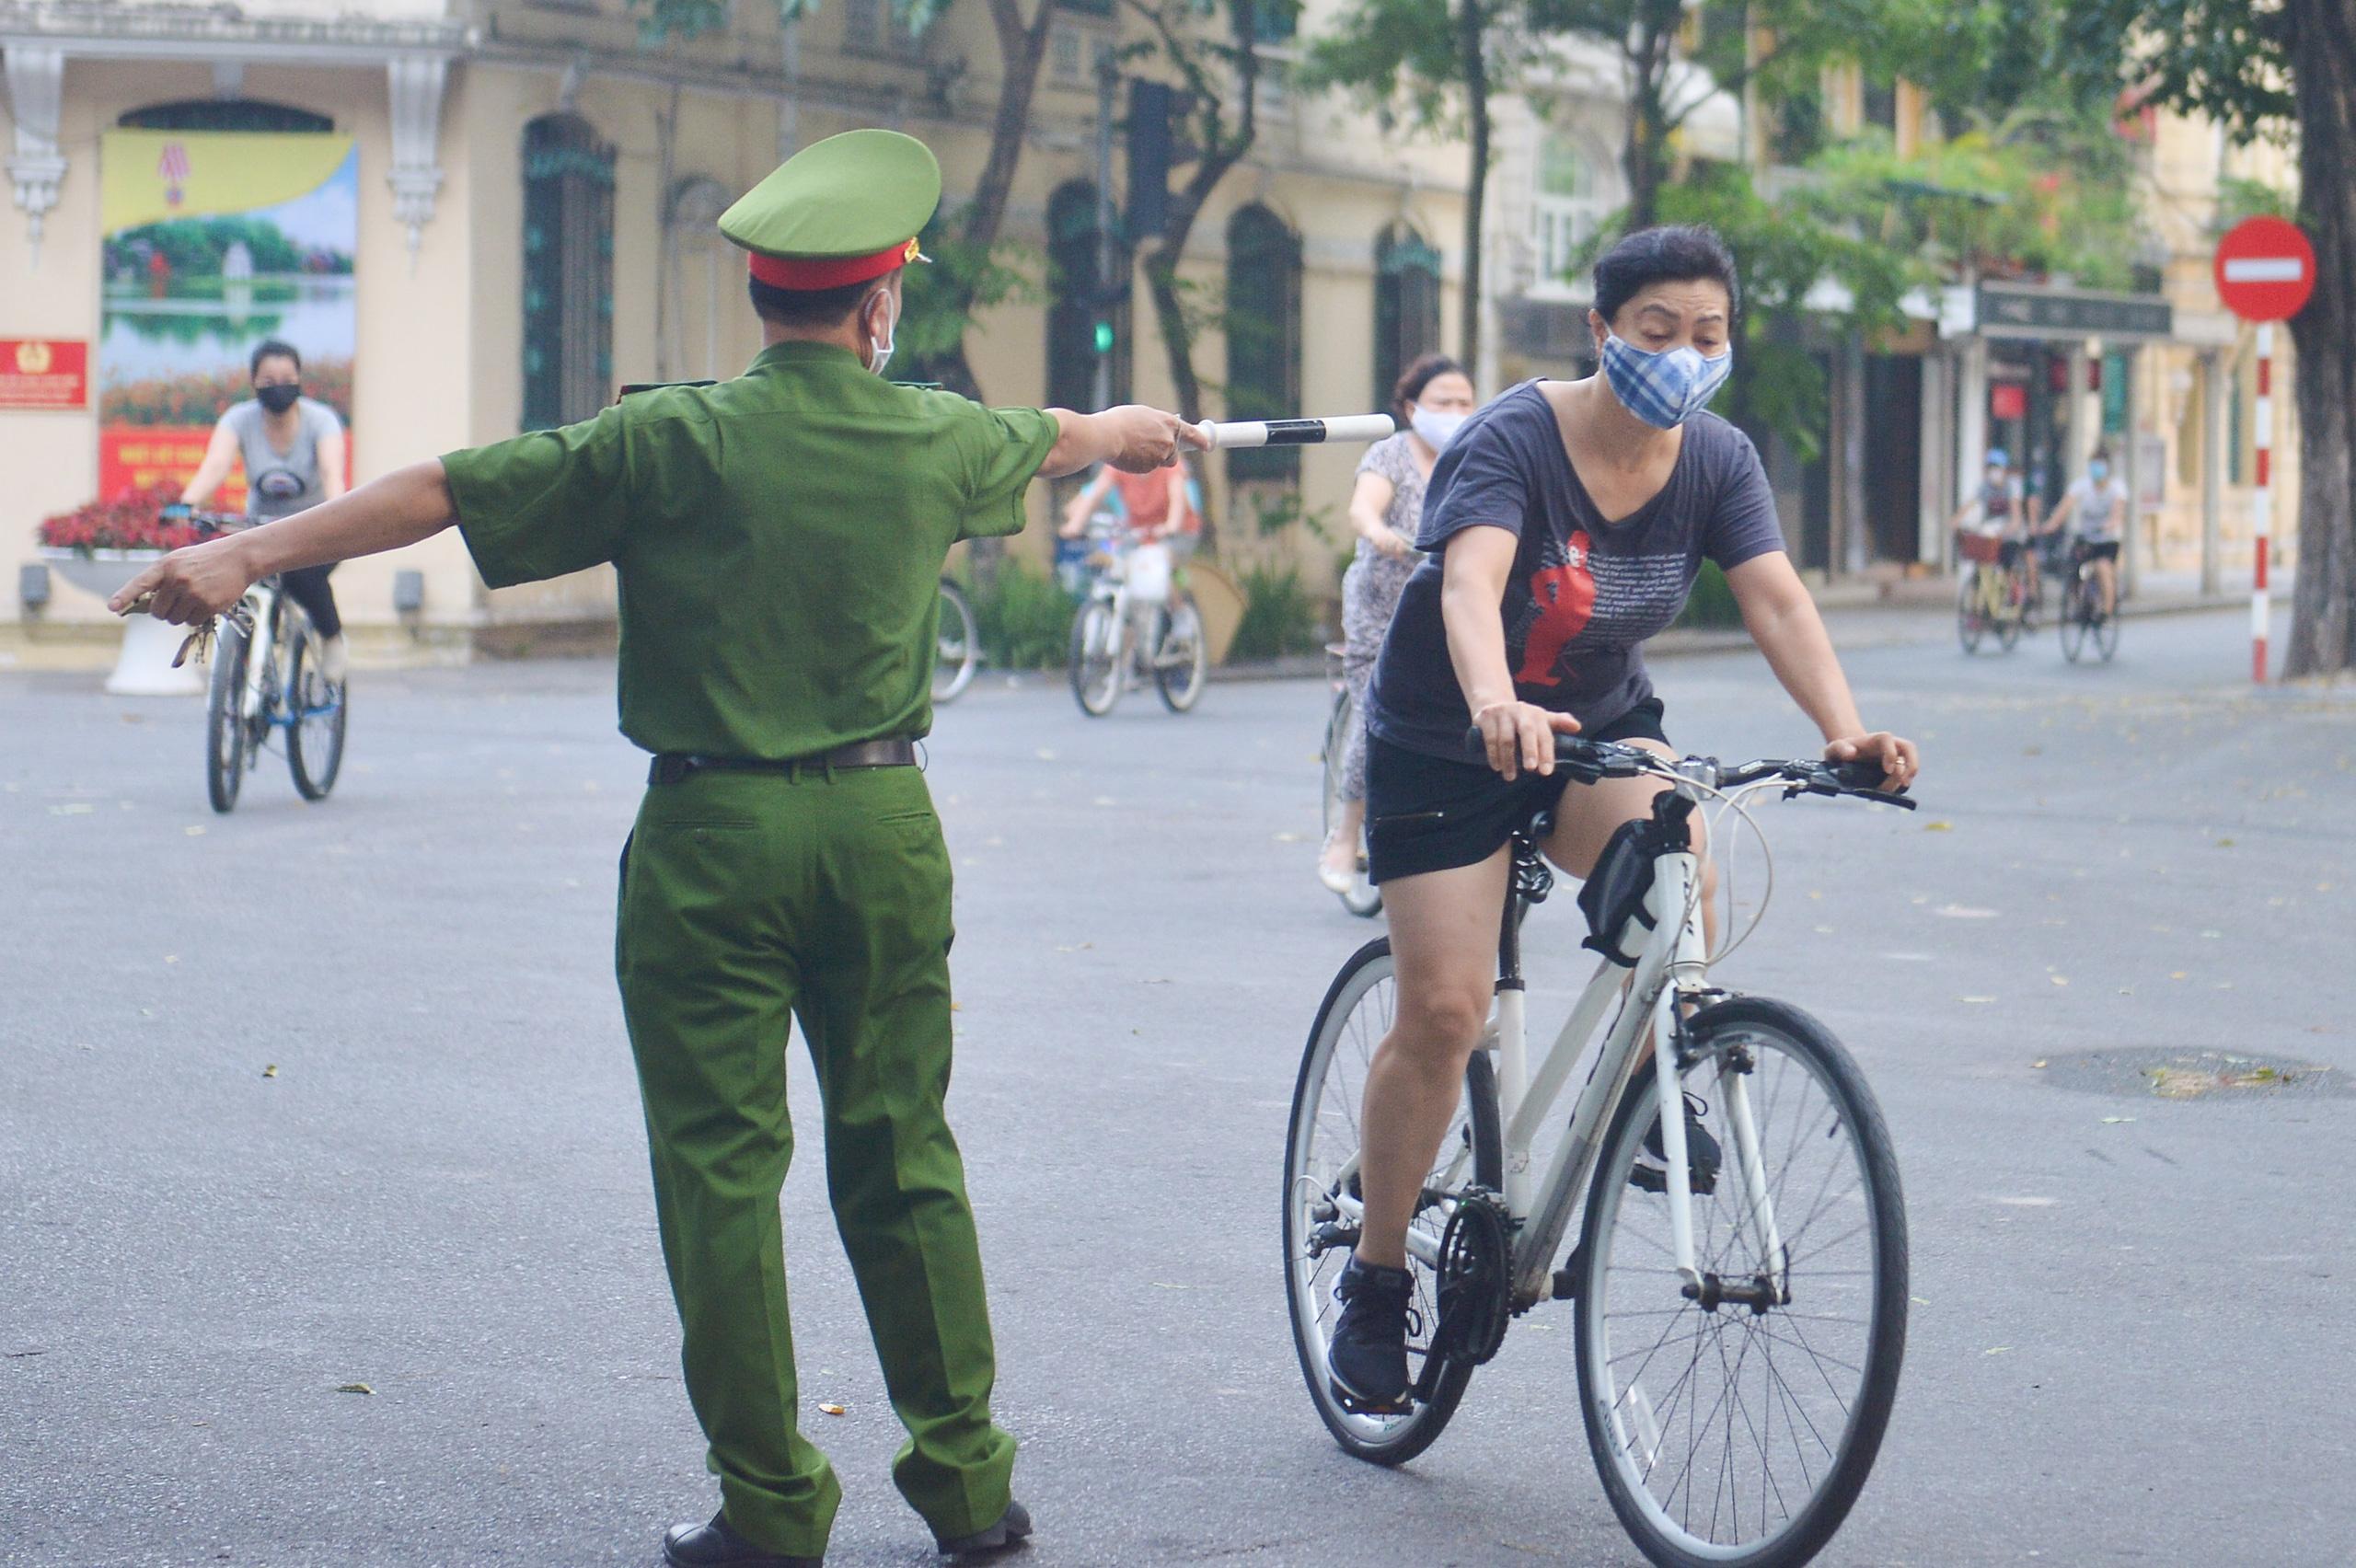 Hàng trăm người dân tập thể dục, đạp xe quanh hồ Gươm bất chấp dịch quy định phòng dịch Covid-19 - Ảnh 8.